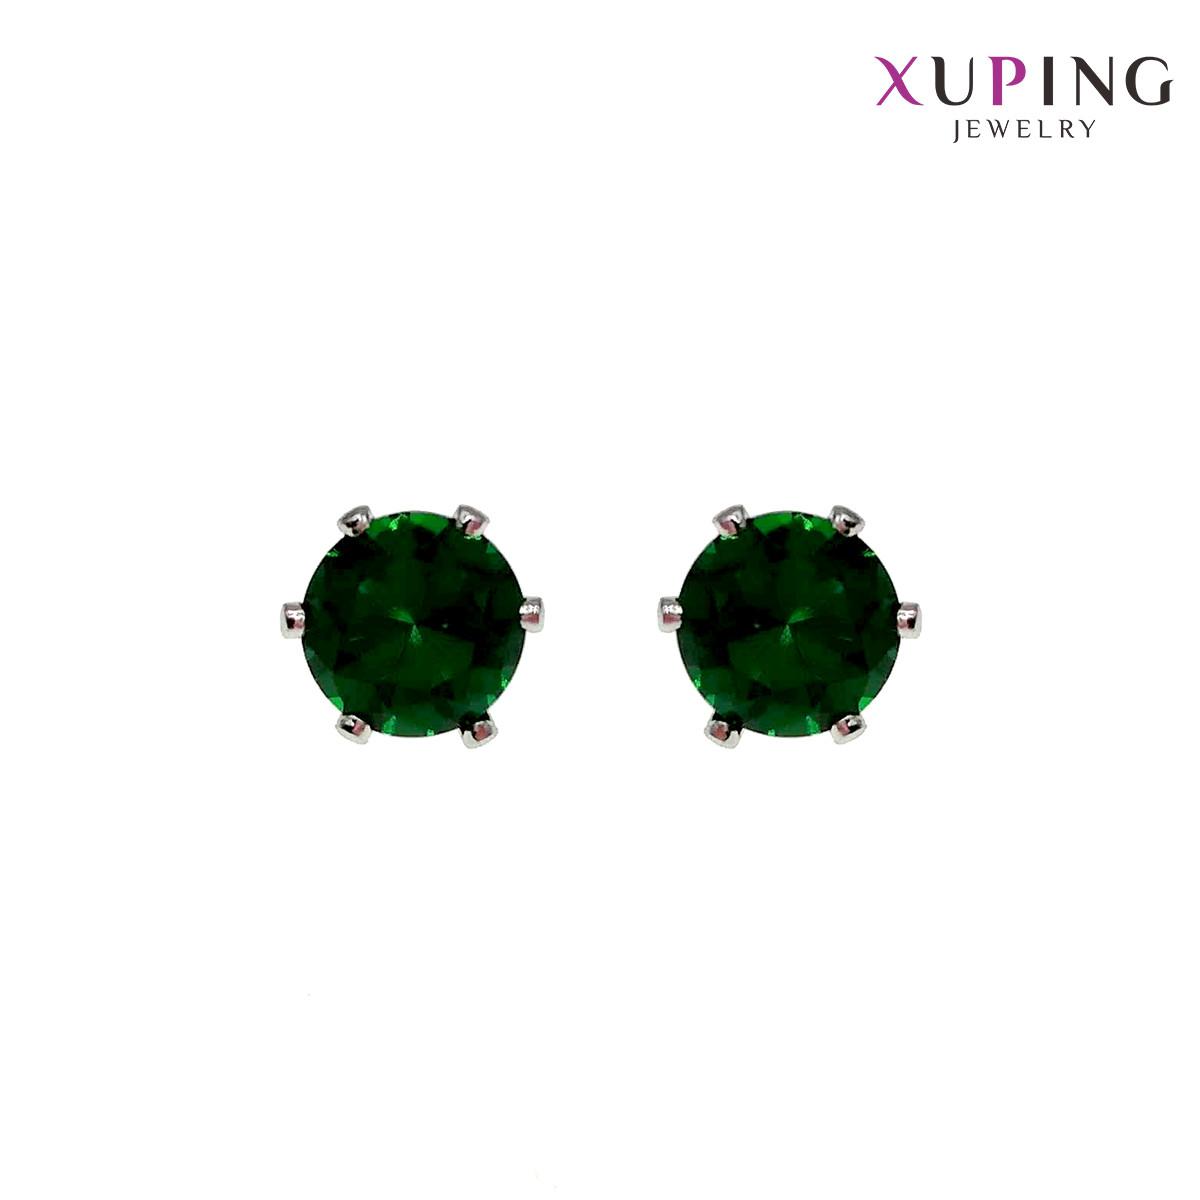 Серьги Xuping гвоздики, размер 7х7 мм, зеленые фианиты (куб. цирконий), вес 1,3 г, родий (белое золото),